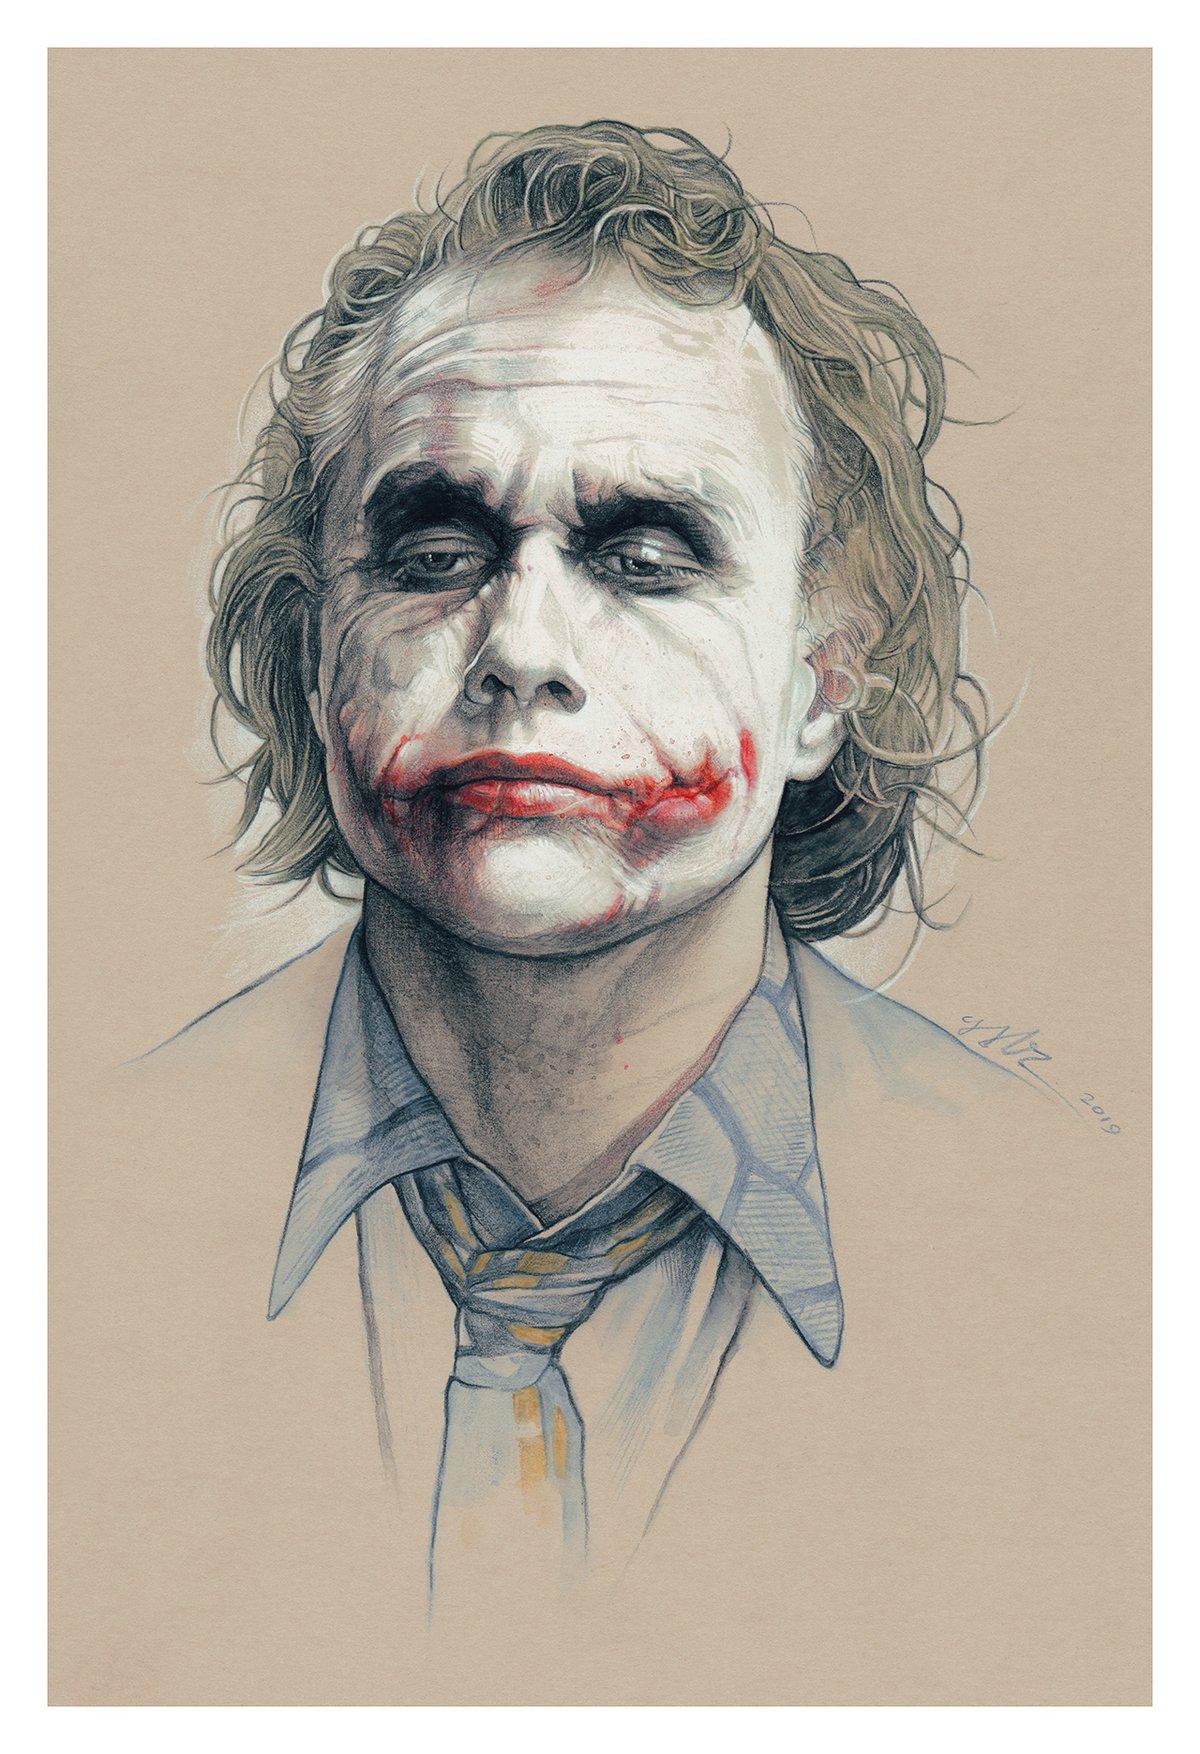 Image of Joker Ledger